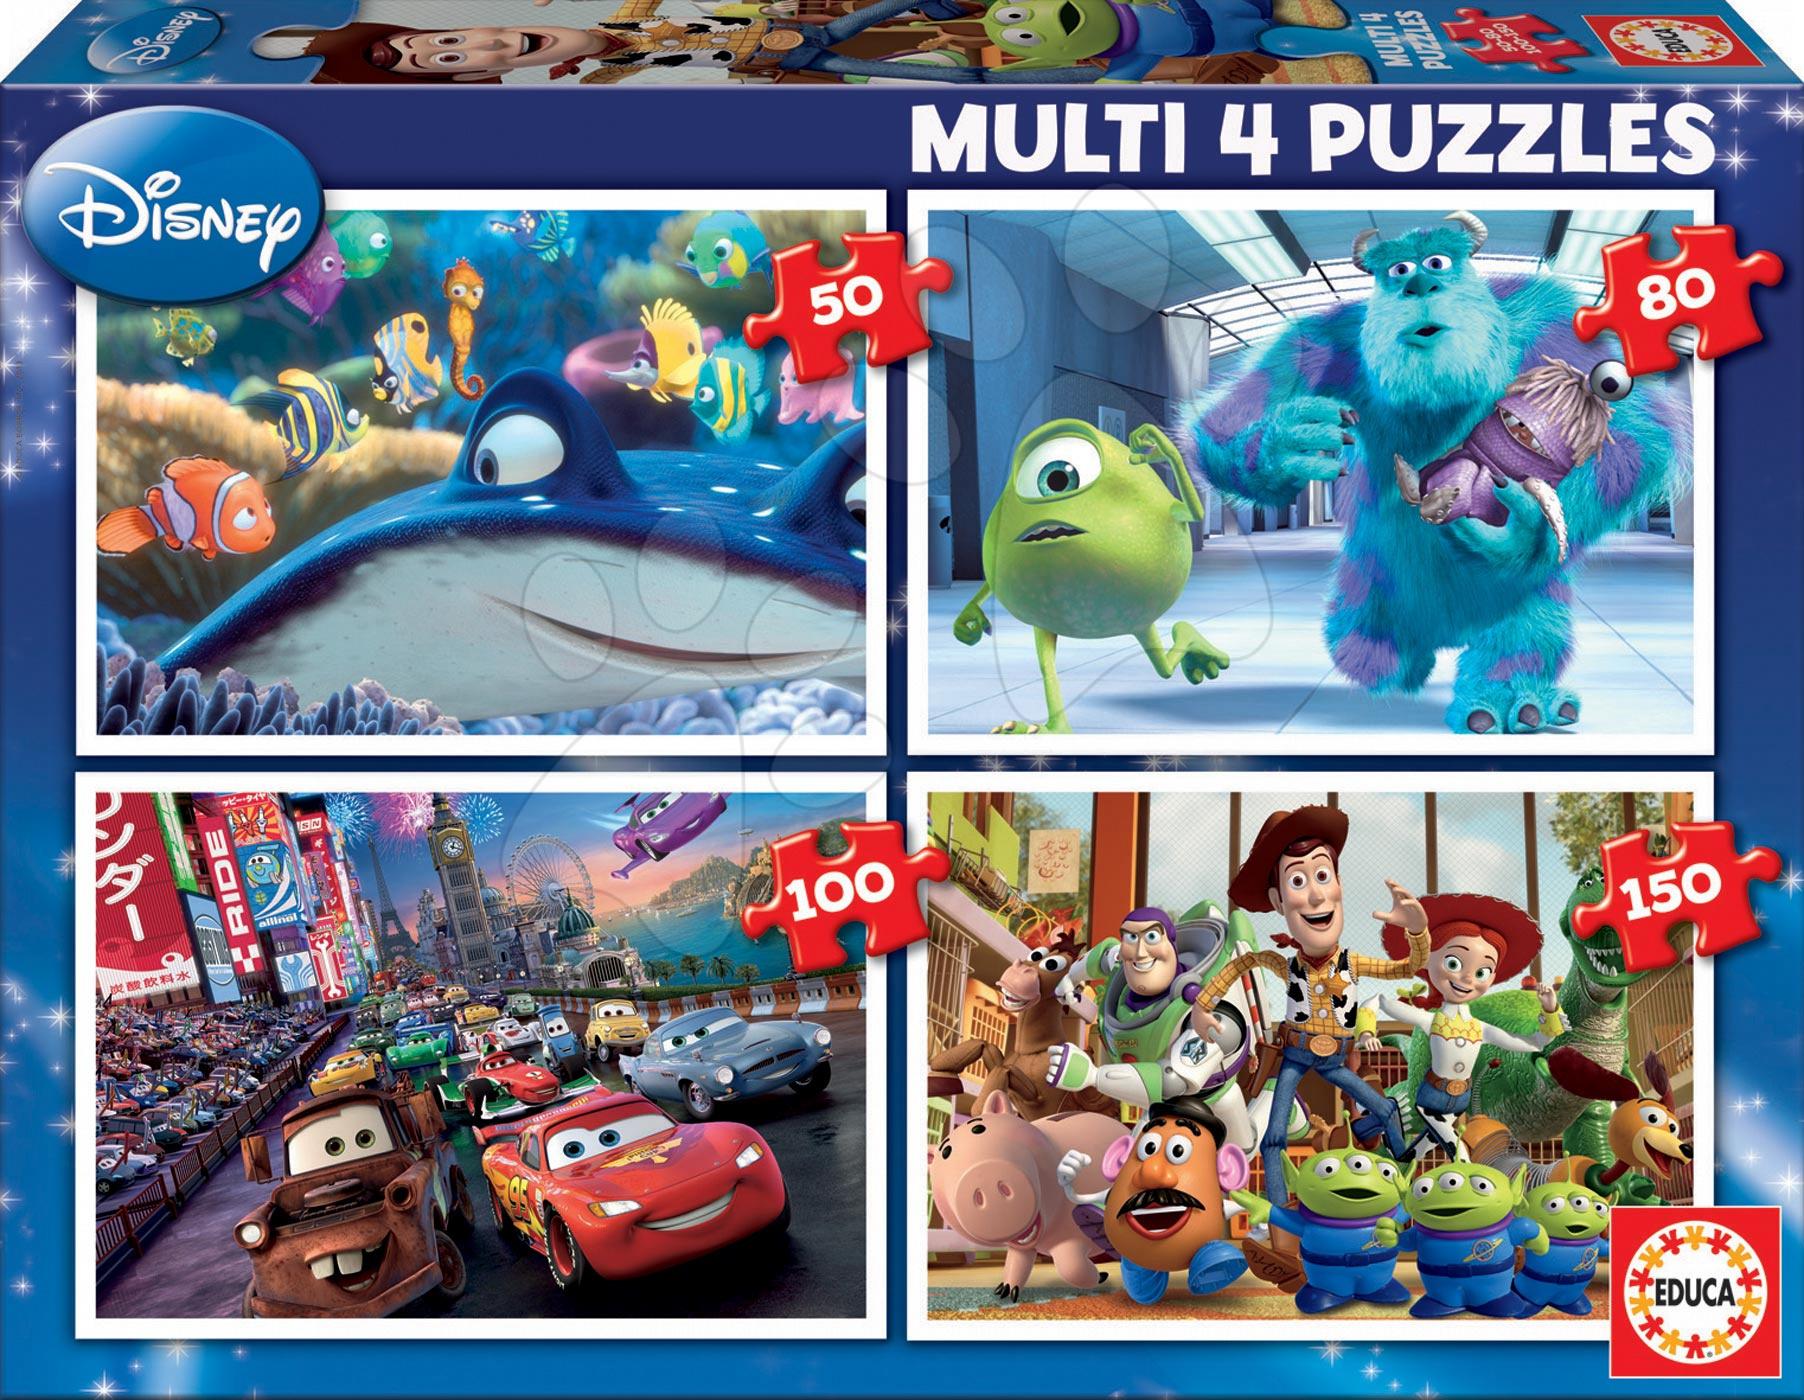 Progresívne detské puzzle - Puzzle Pixar Educa 150-100-80-50 dielov od 5 rokov